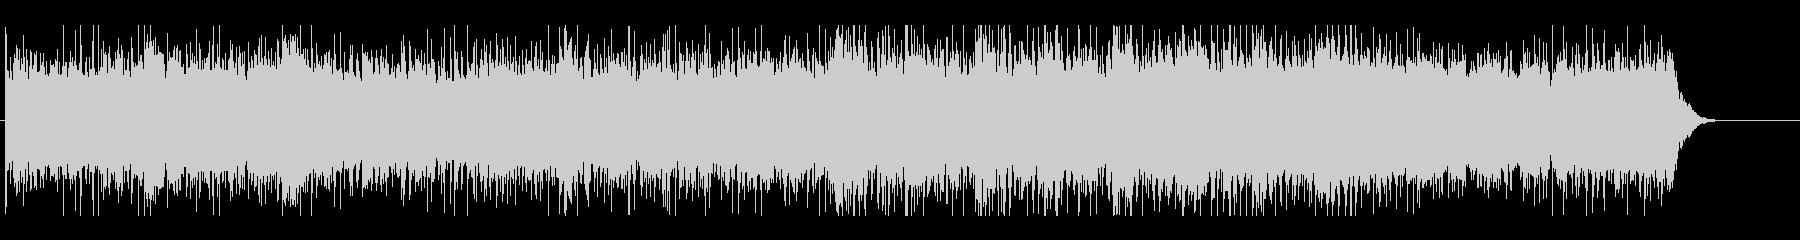 おしゃれでエレクトロポップなループBGMの未再生の波形